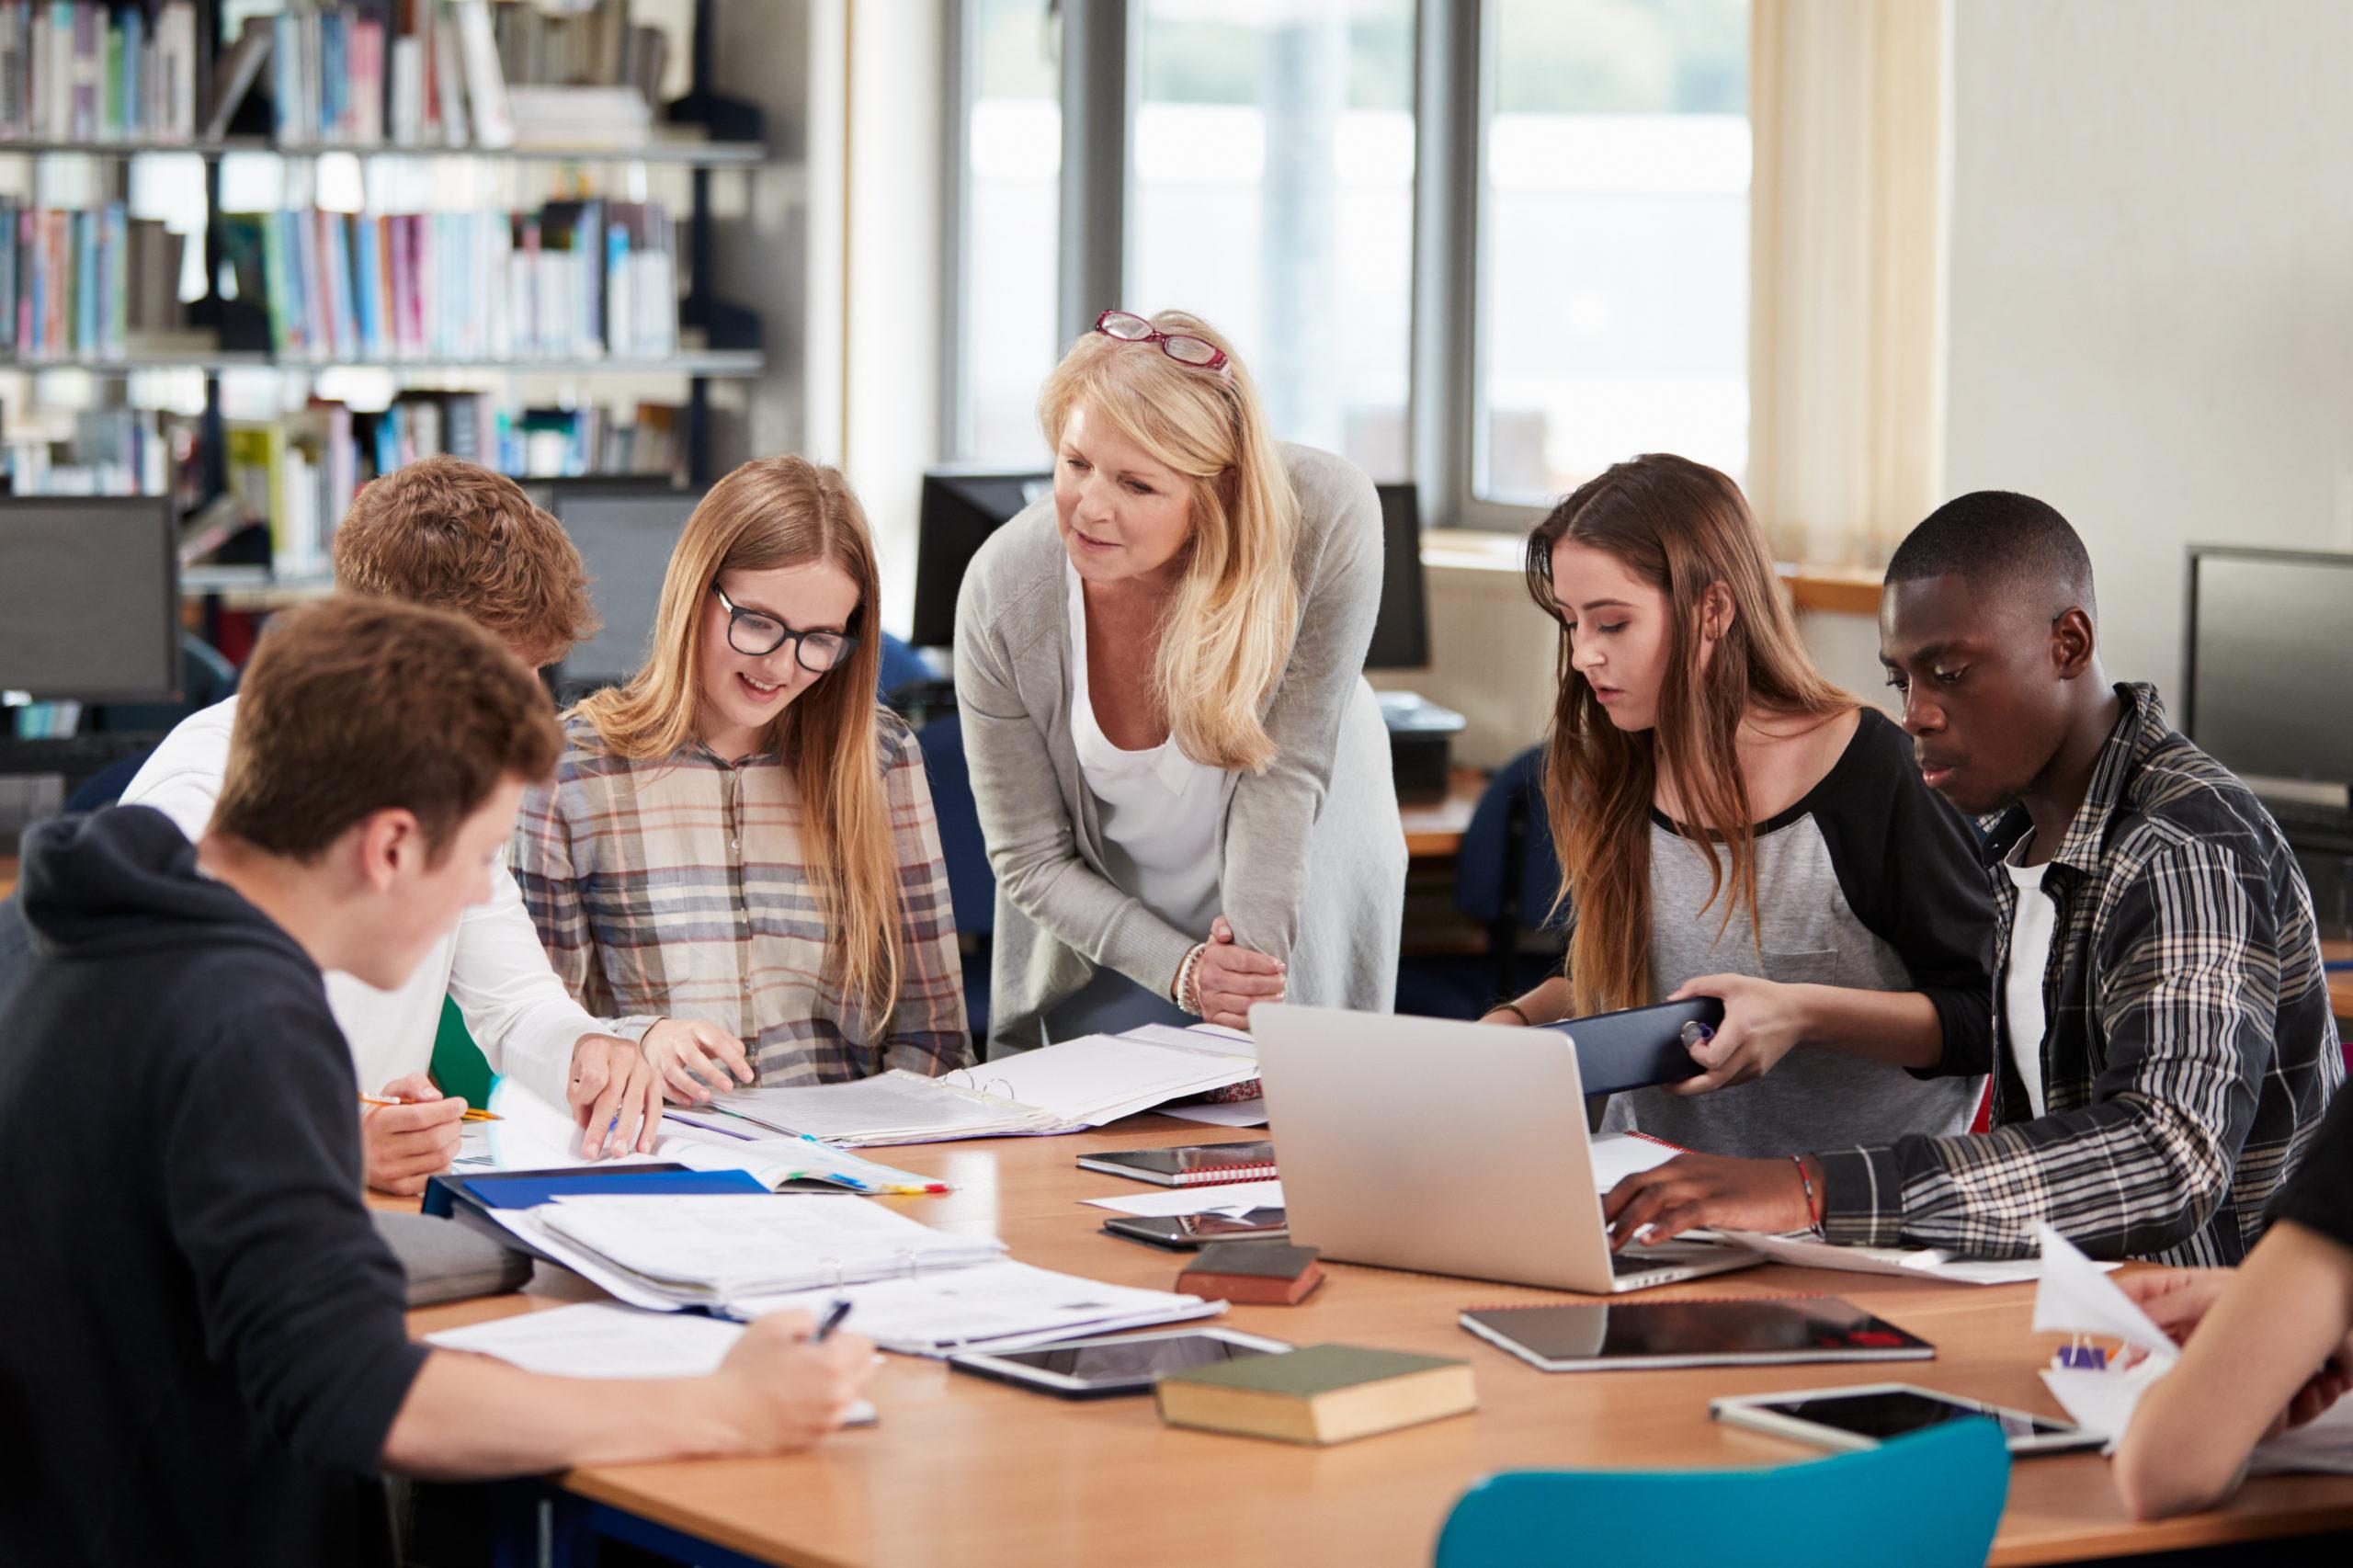 Kolping_Jugendliche_und_Ausbildung